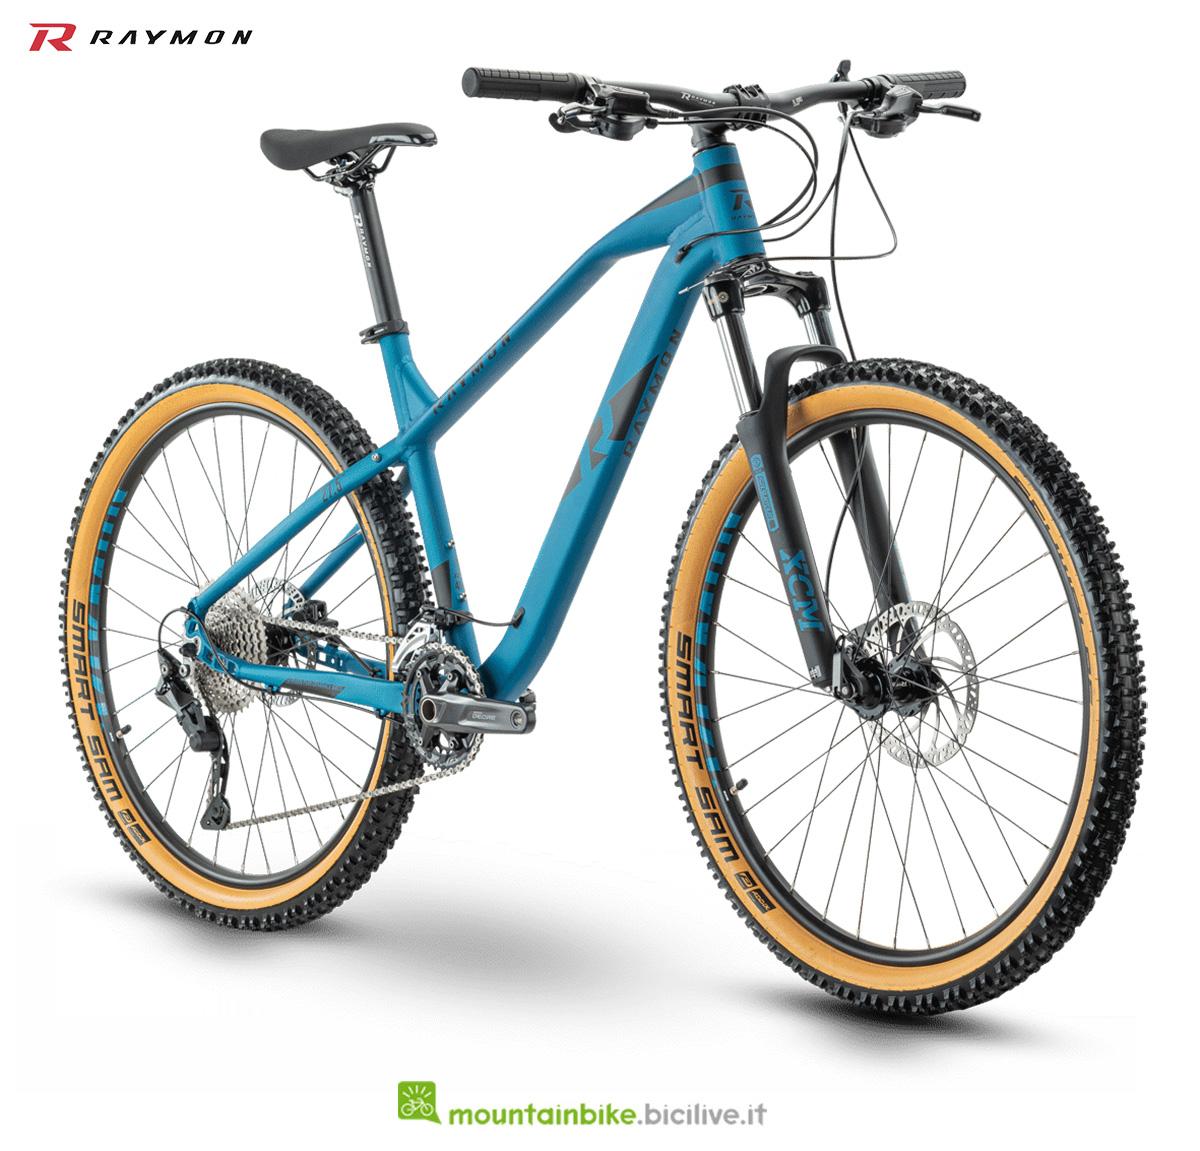 La nuova mountain bike della gamma 2021 R Raymon Hardray Seven 4.0